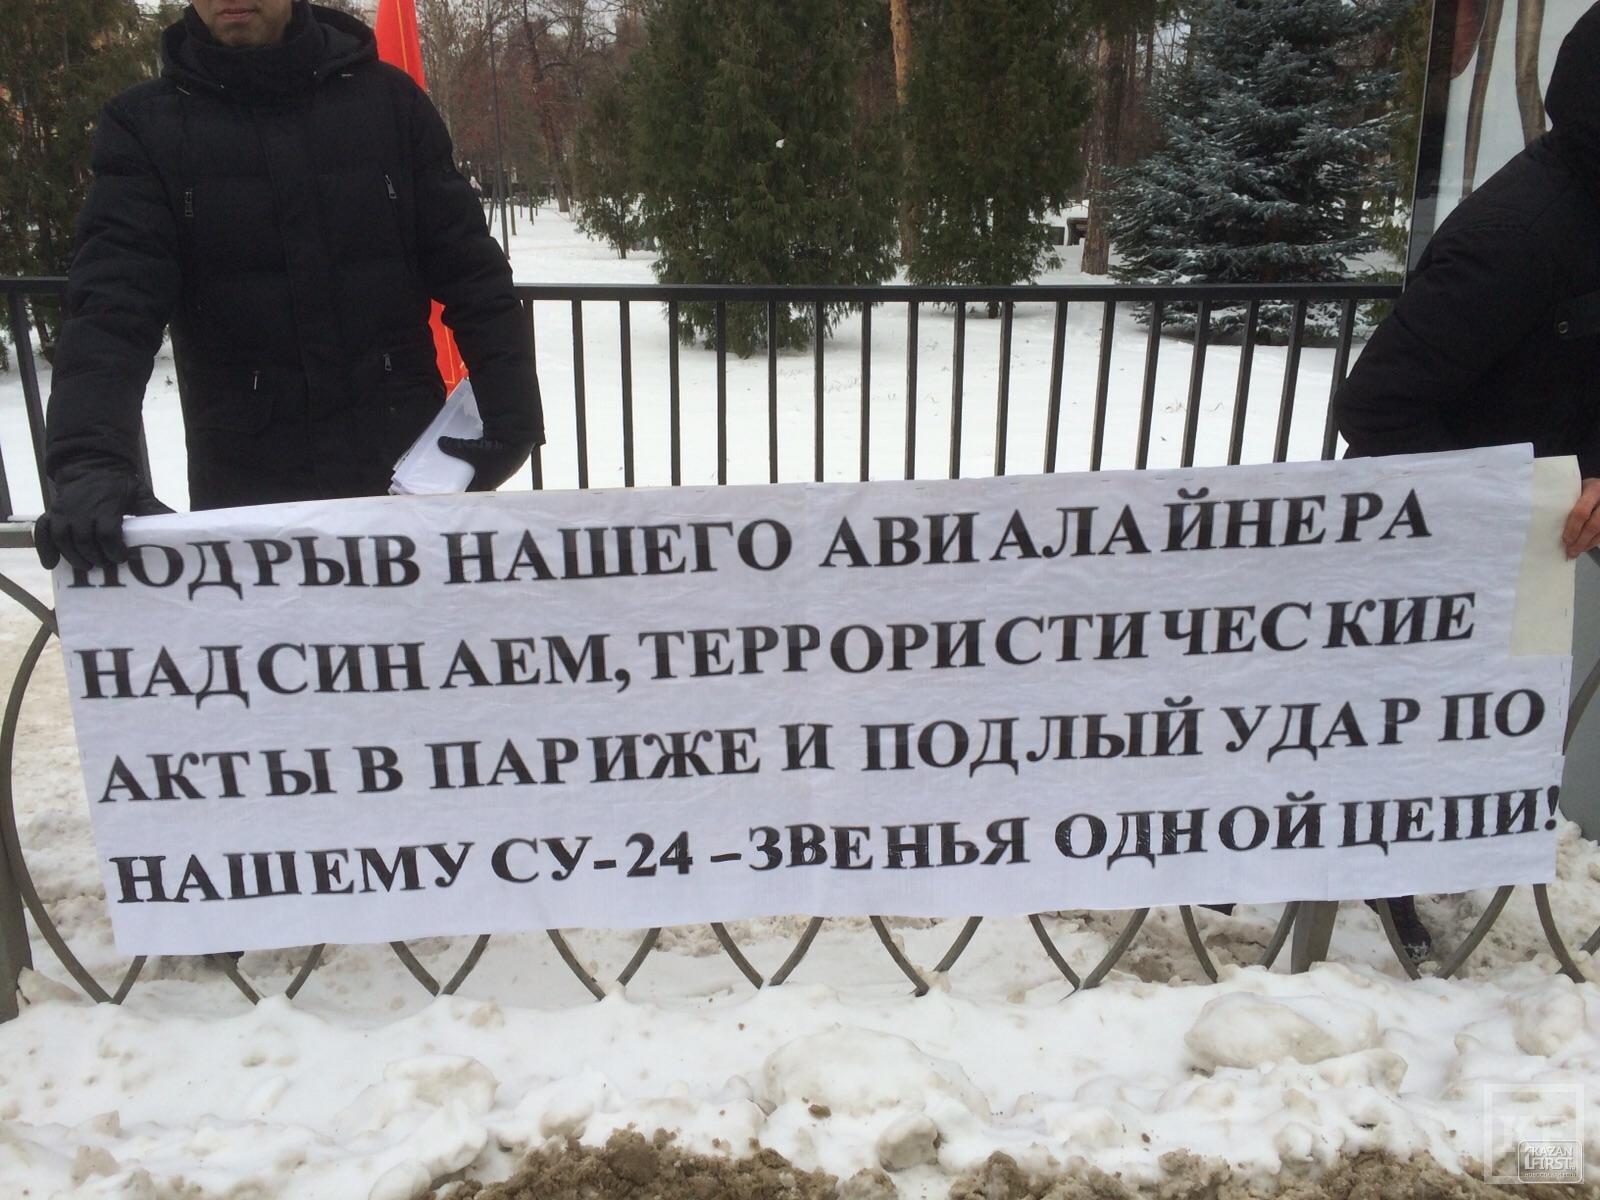 Коммунисты России: «Турция строит бизнес на крови. Вы патриоты или для вас важнее деньги?»